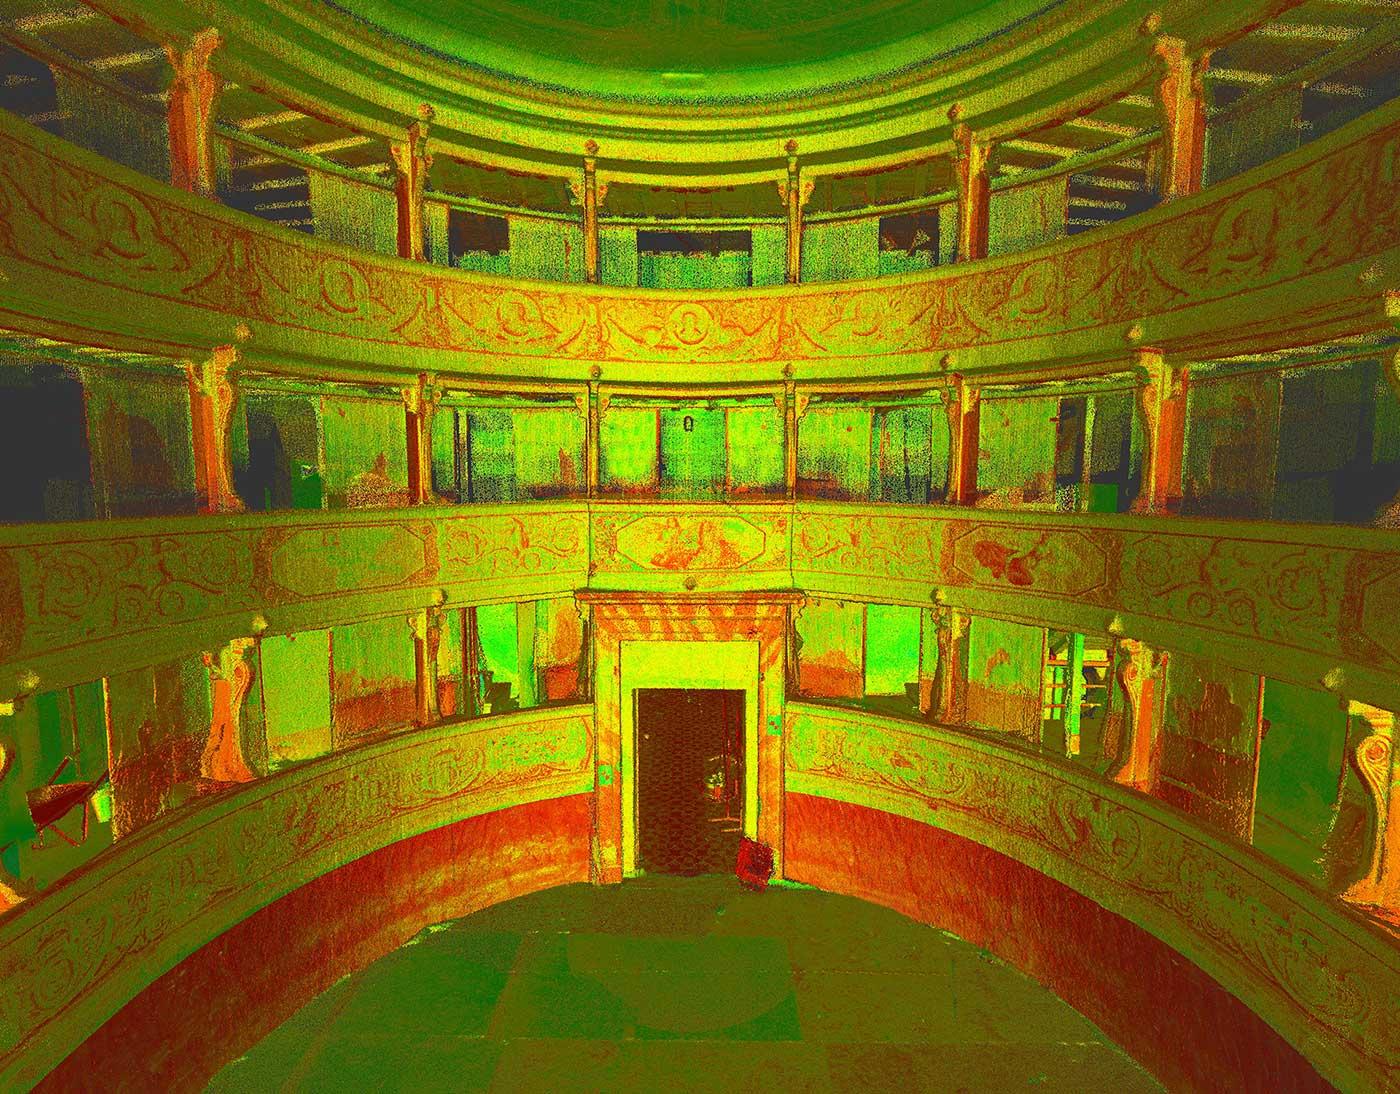 Rilievo laser scanner 3D - Teatro comunale G. Rinaldi a Reggiolo (RE)